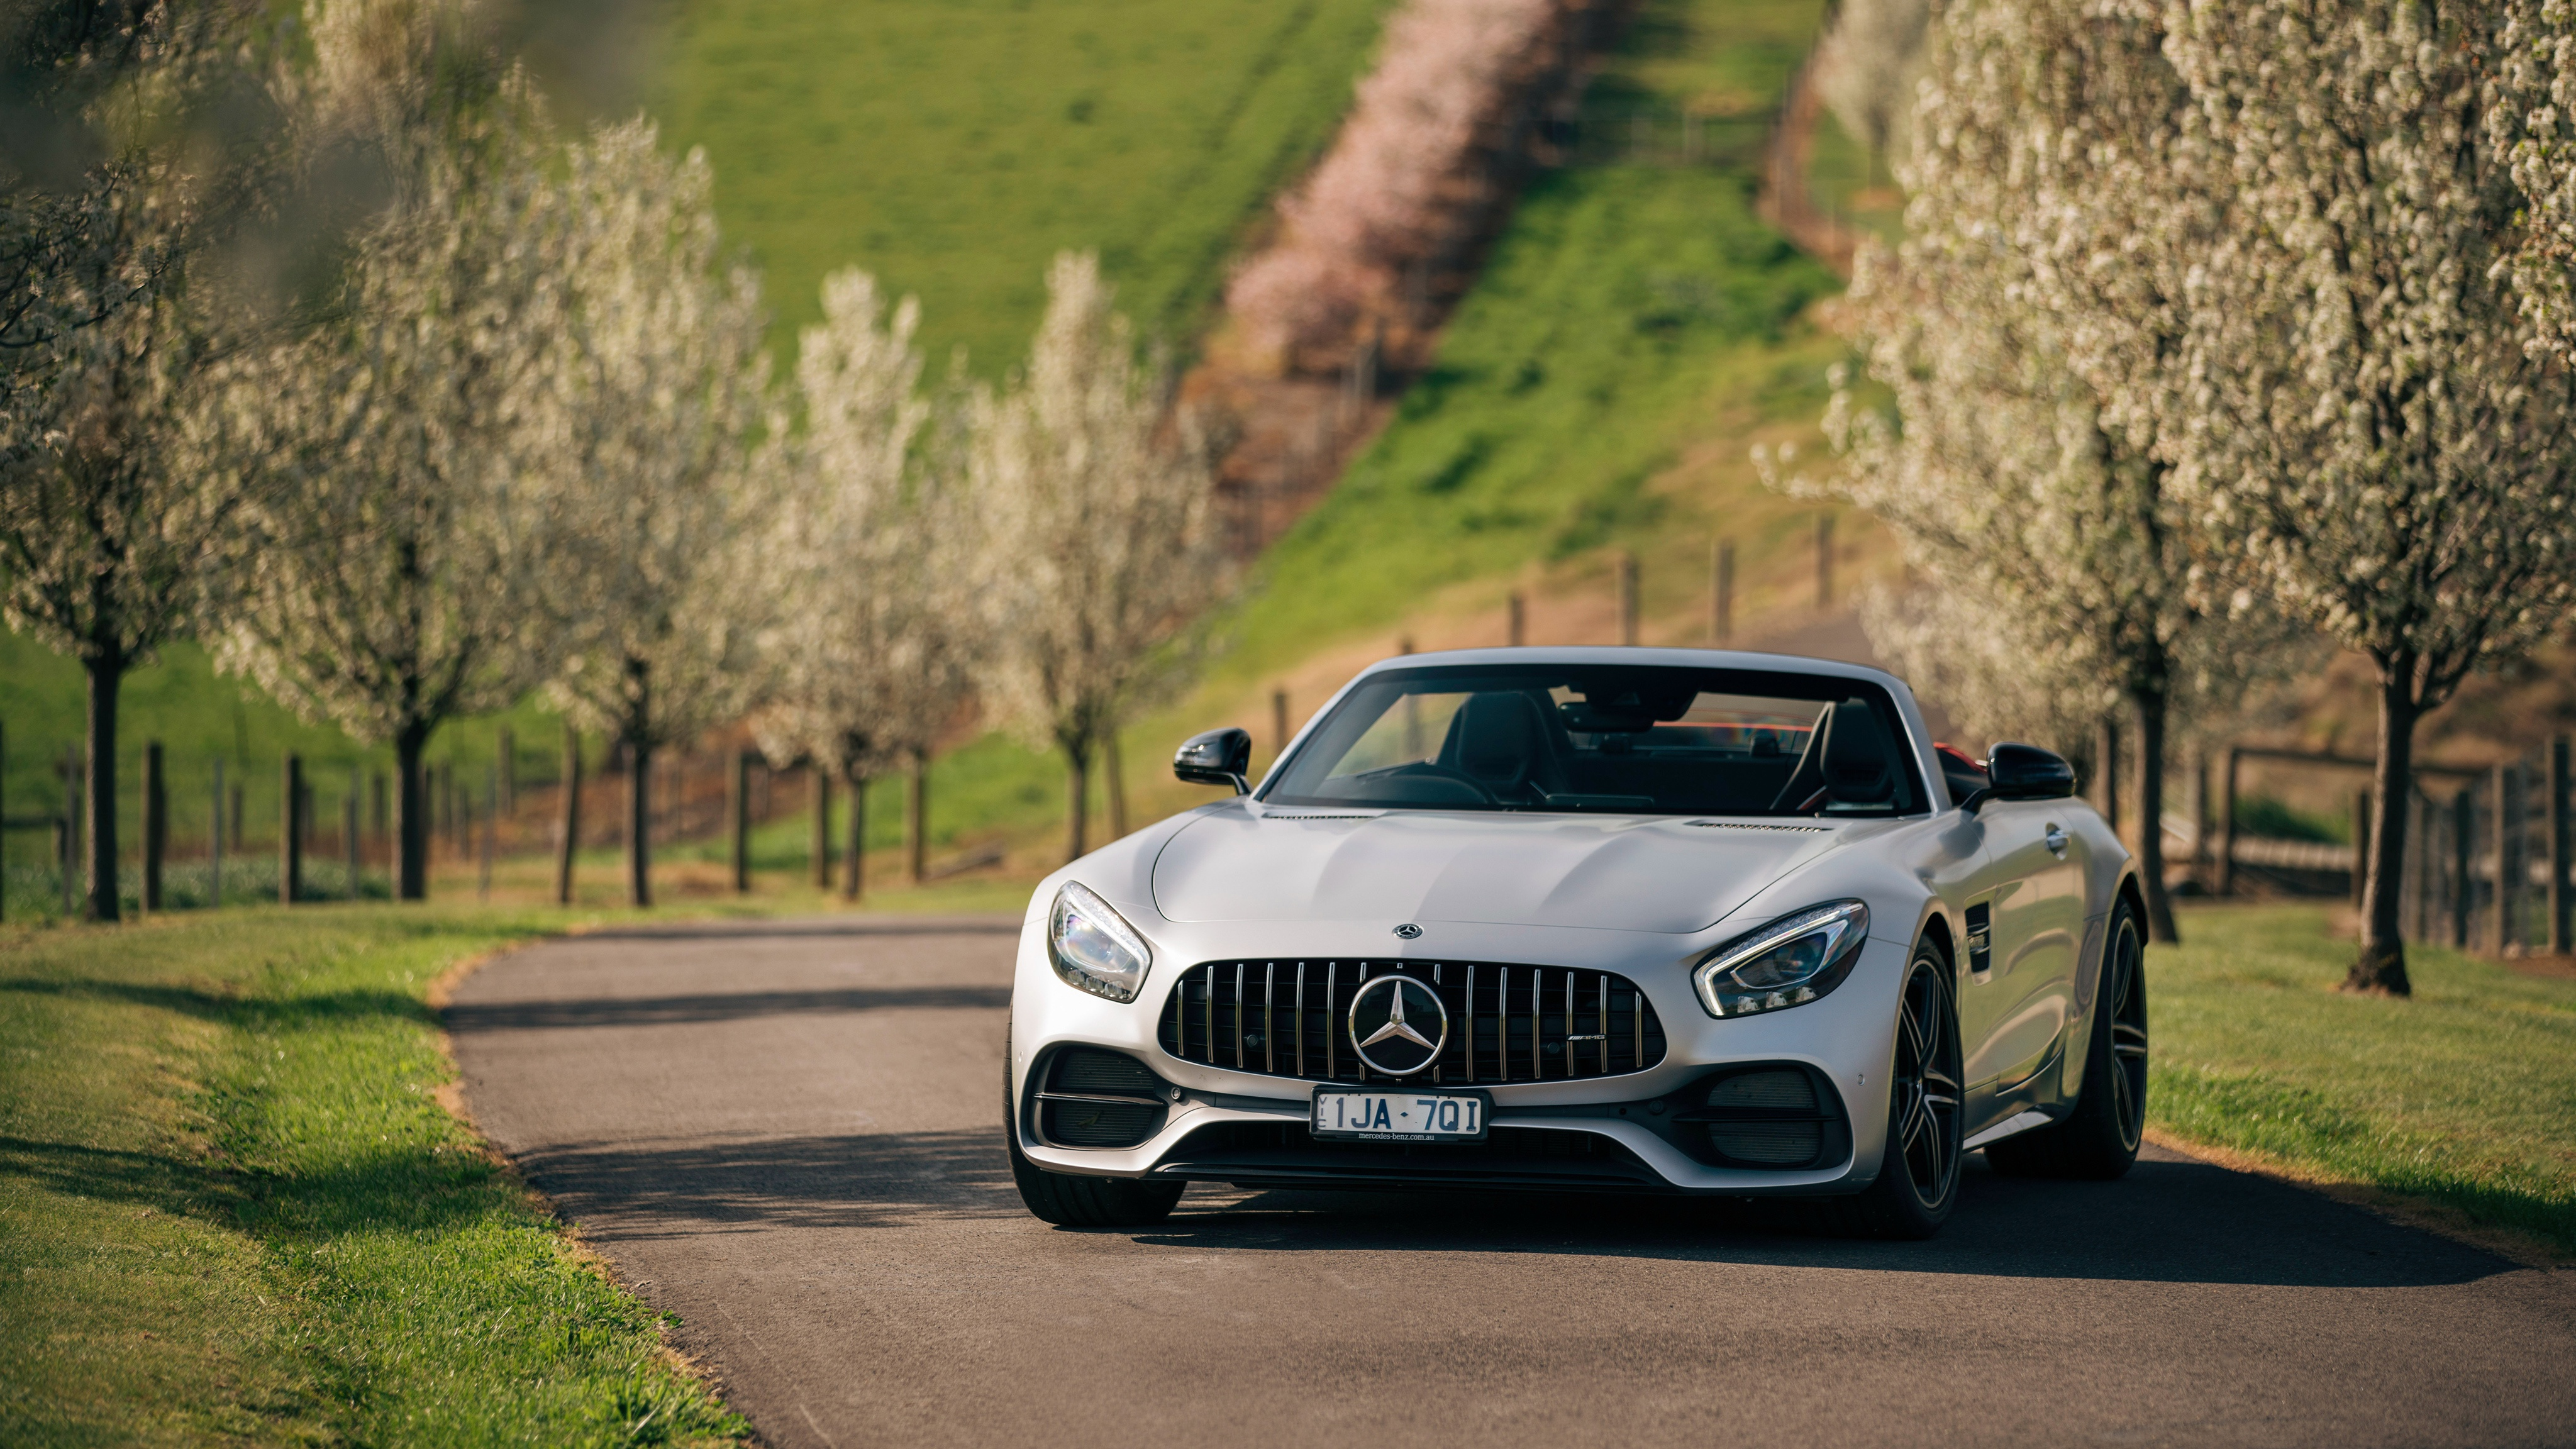 Картинки Mercedes-Benz AMG 2018 GT C Родстер машины Спереди 4096x2304 Мерседес бенц авто машина автомобиль Автомобили